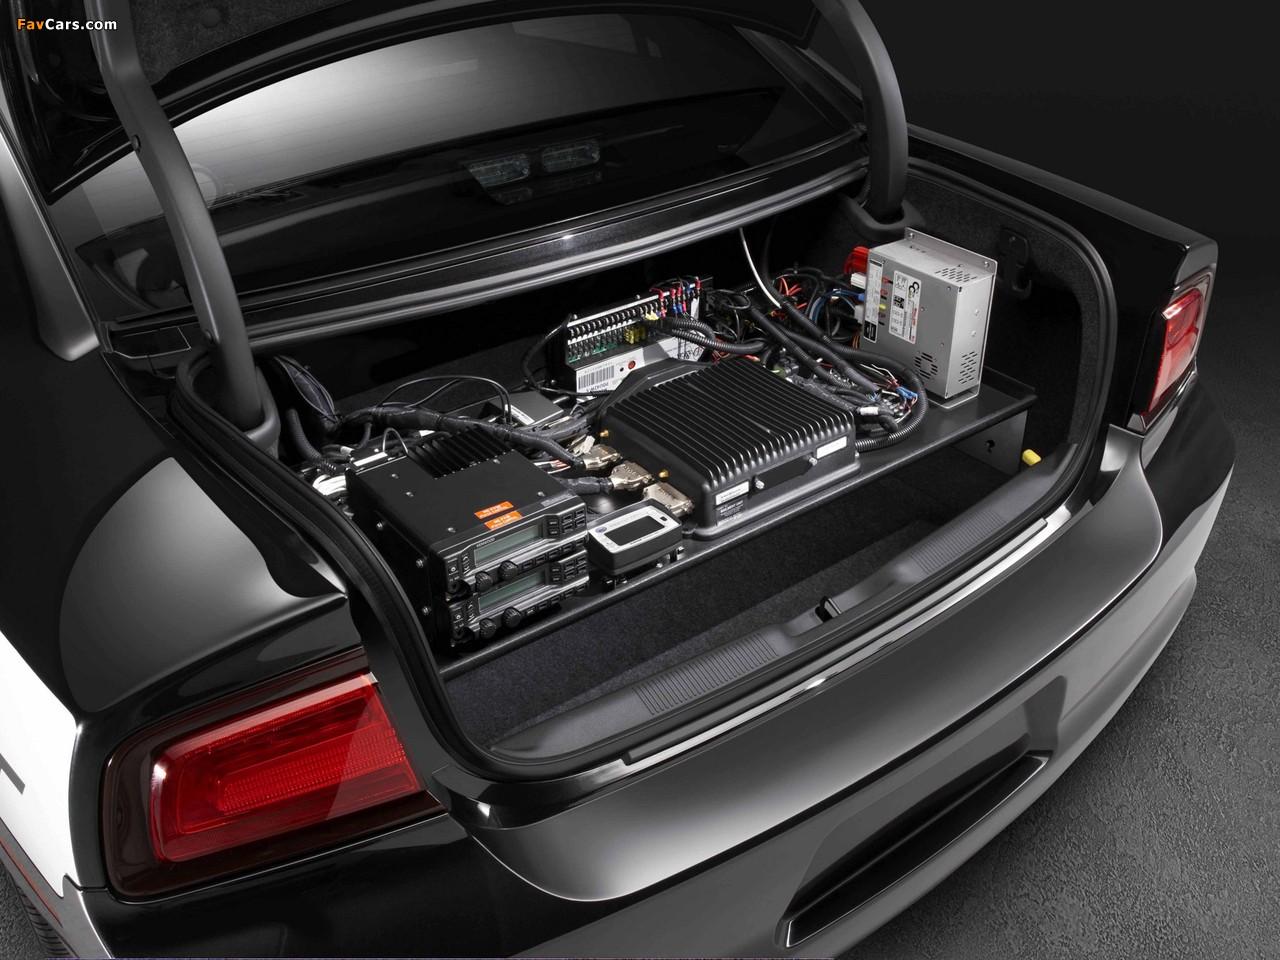 Dodge Charger Pursuit 2010 images (1280 x 960)